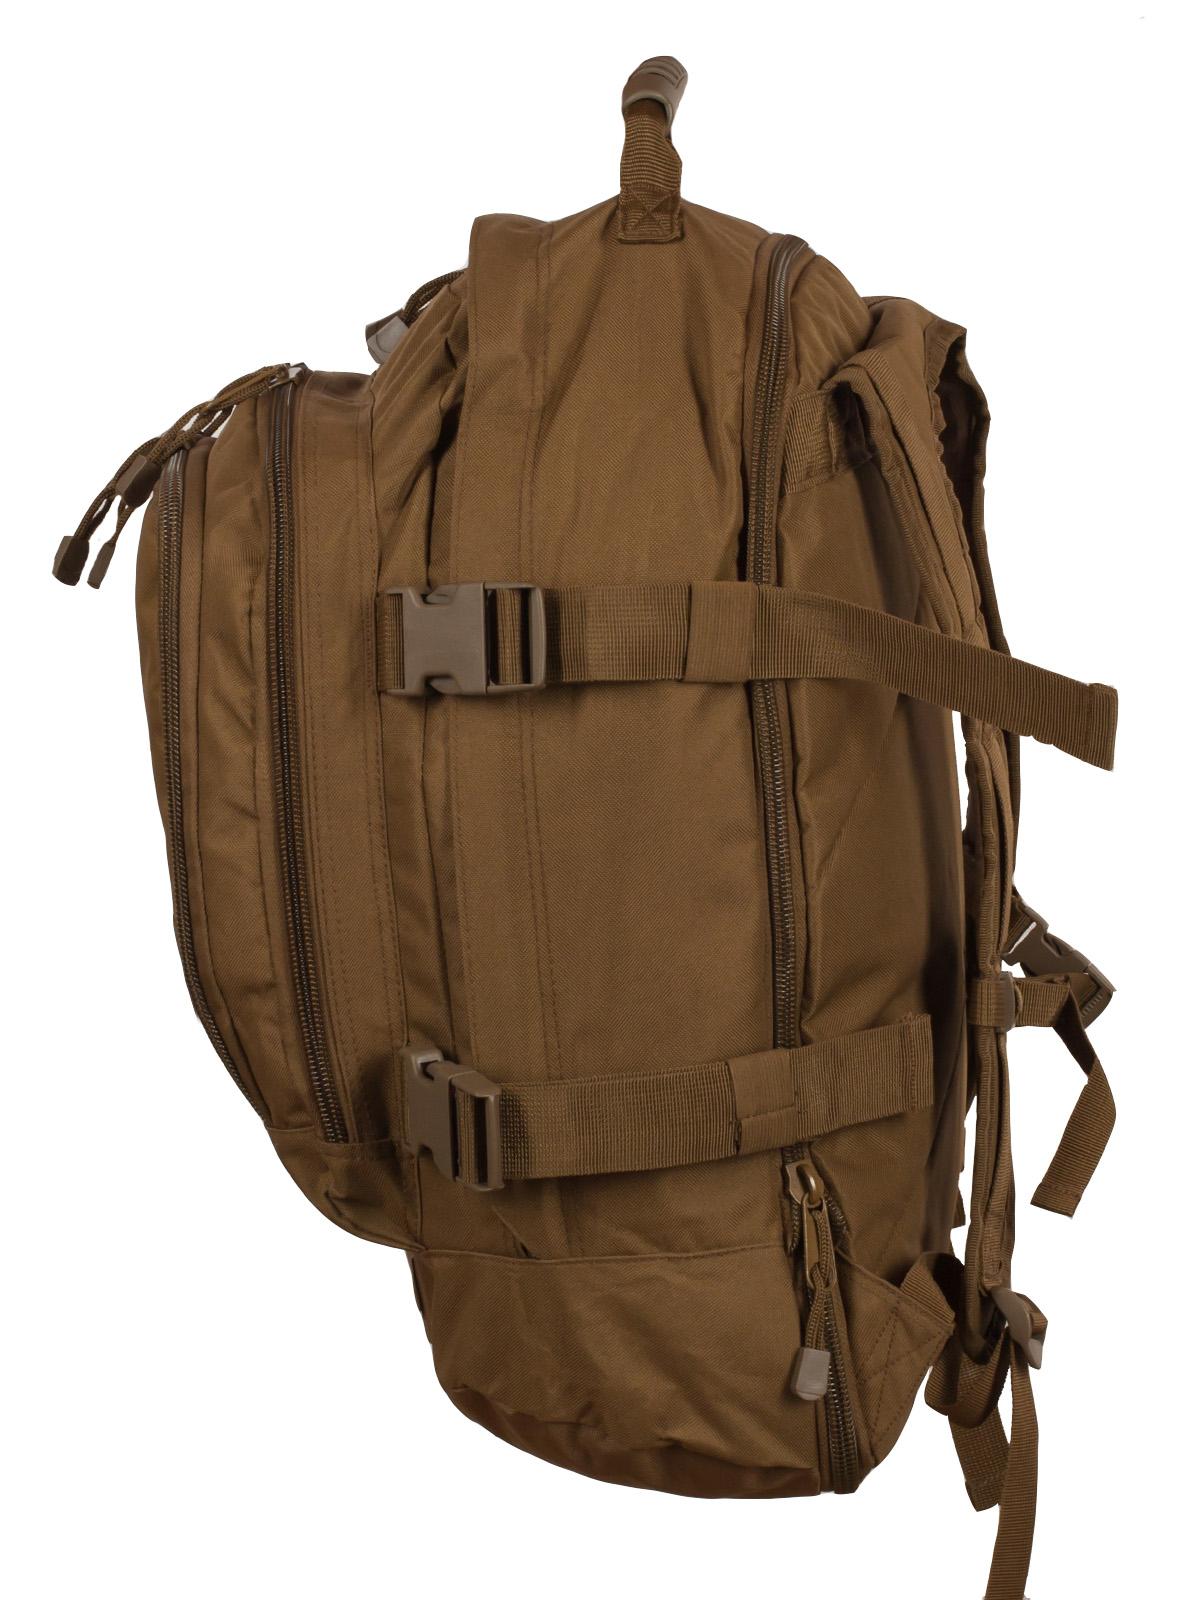 Патрульный тактический рюкзак с нашивкой Погранвойск - купить в подарок